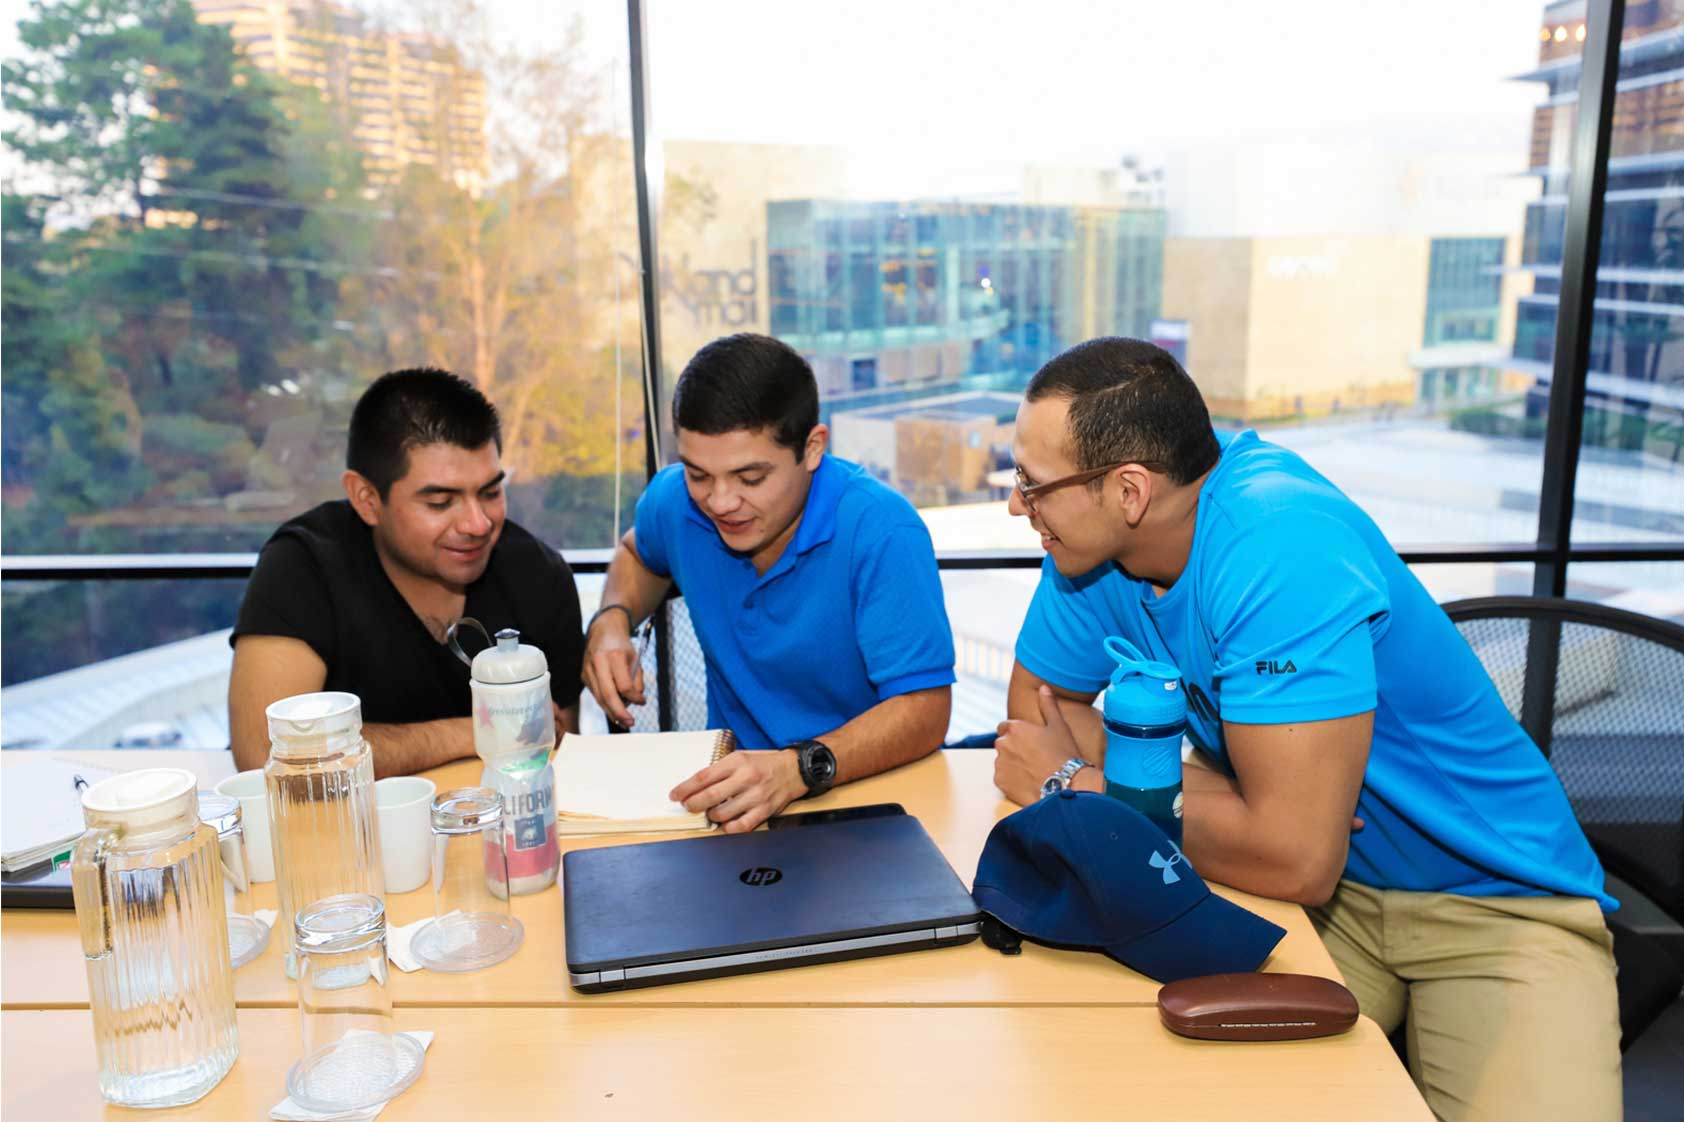 Retos del emprendimiento social: una discusión entre Philip Wilson y estudiantes de MBA+